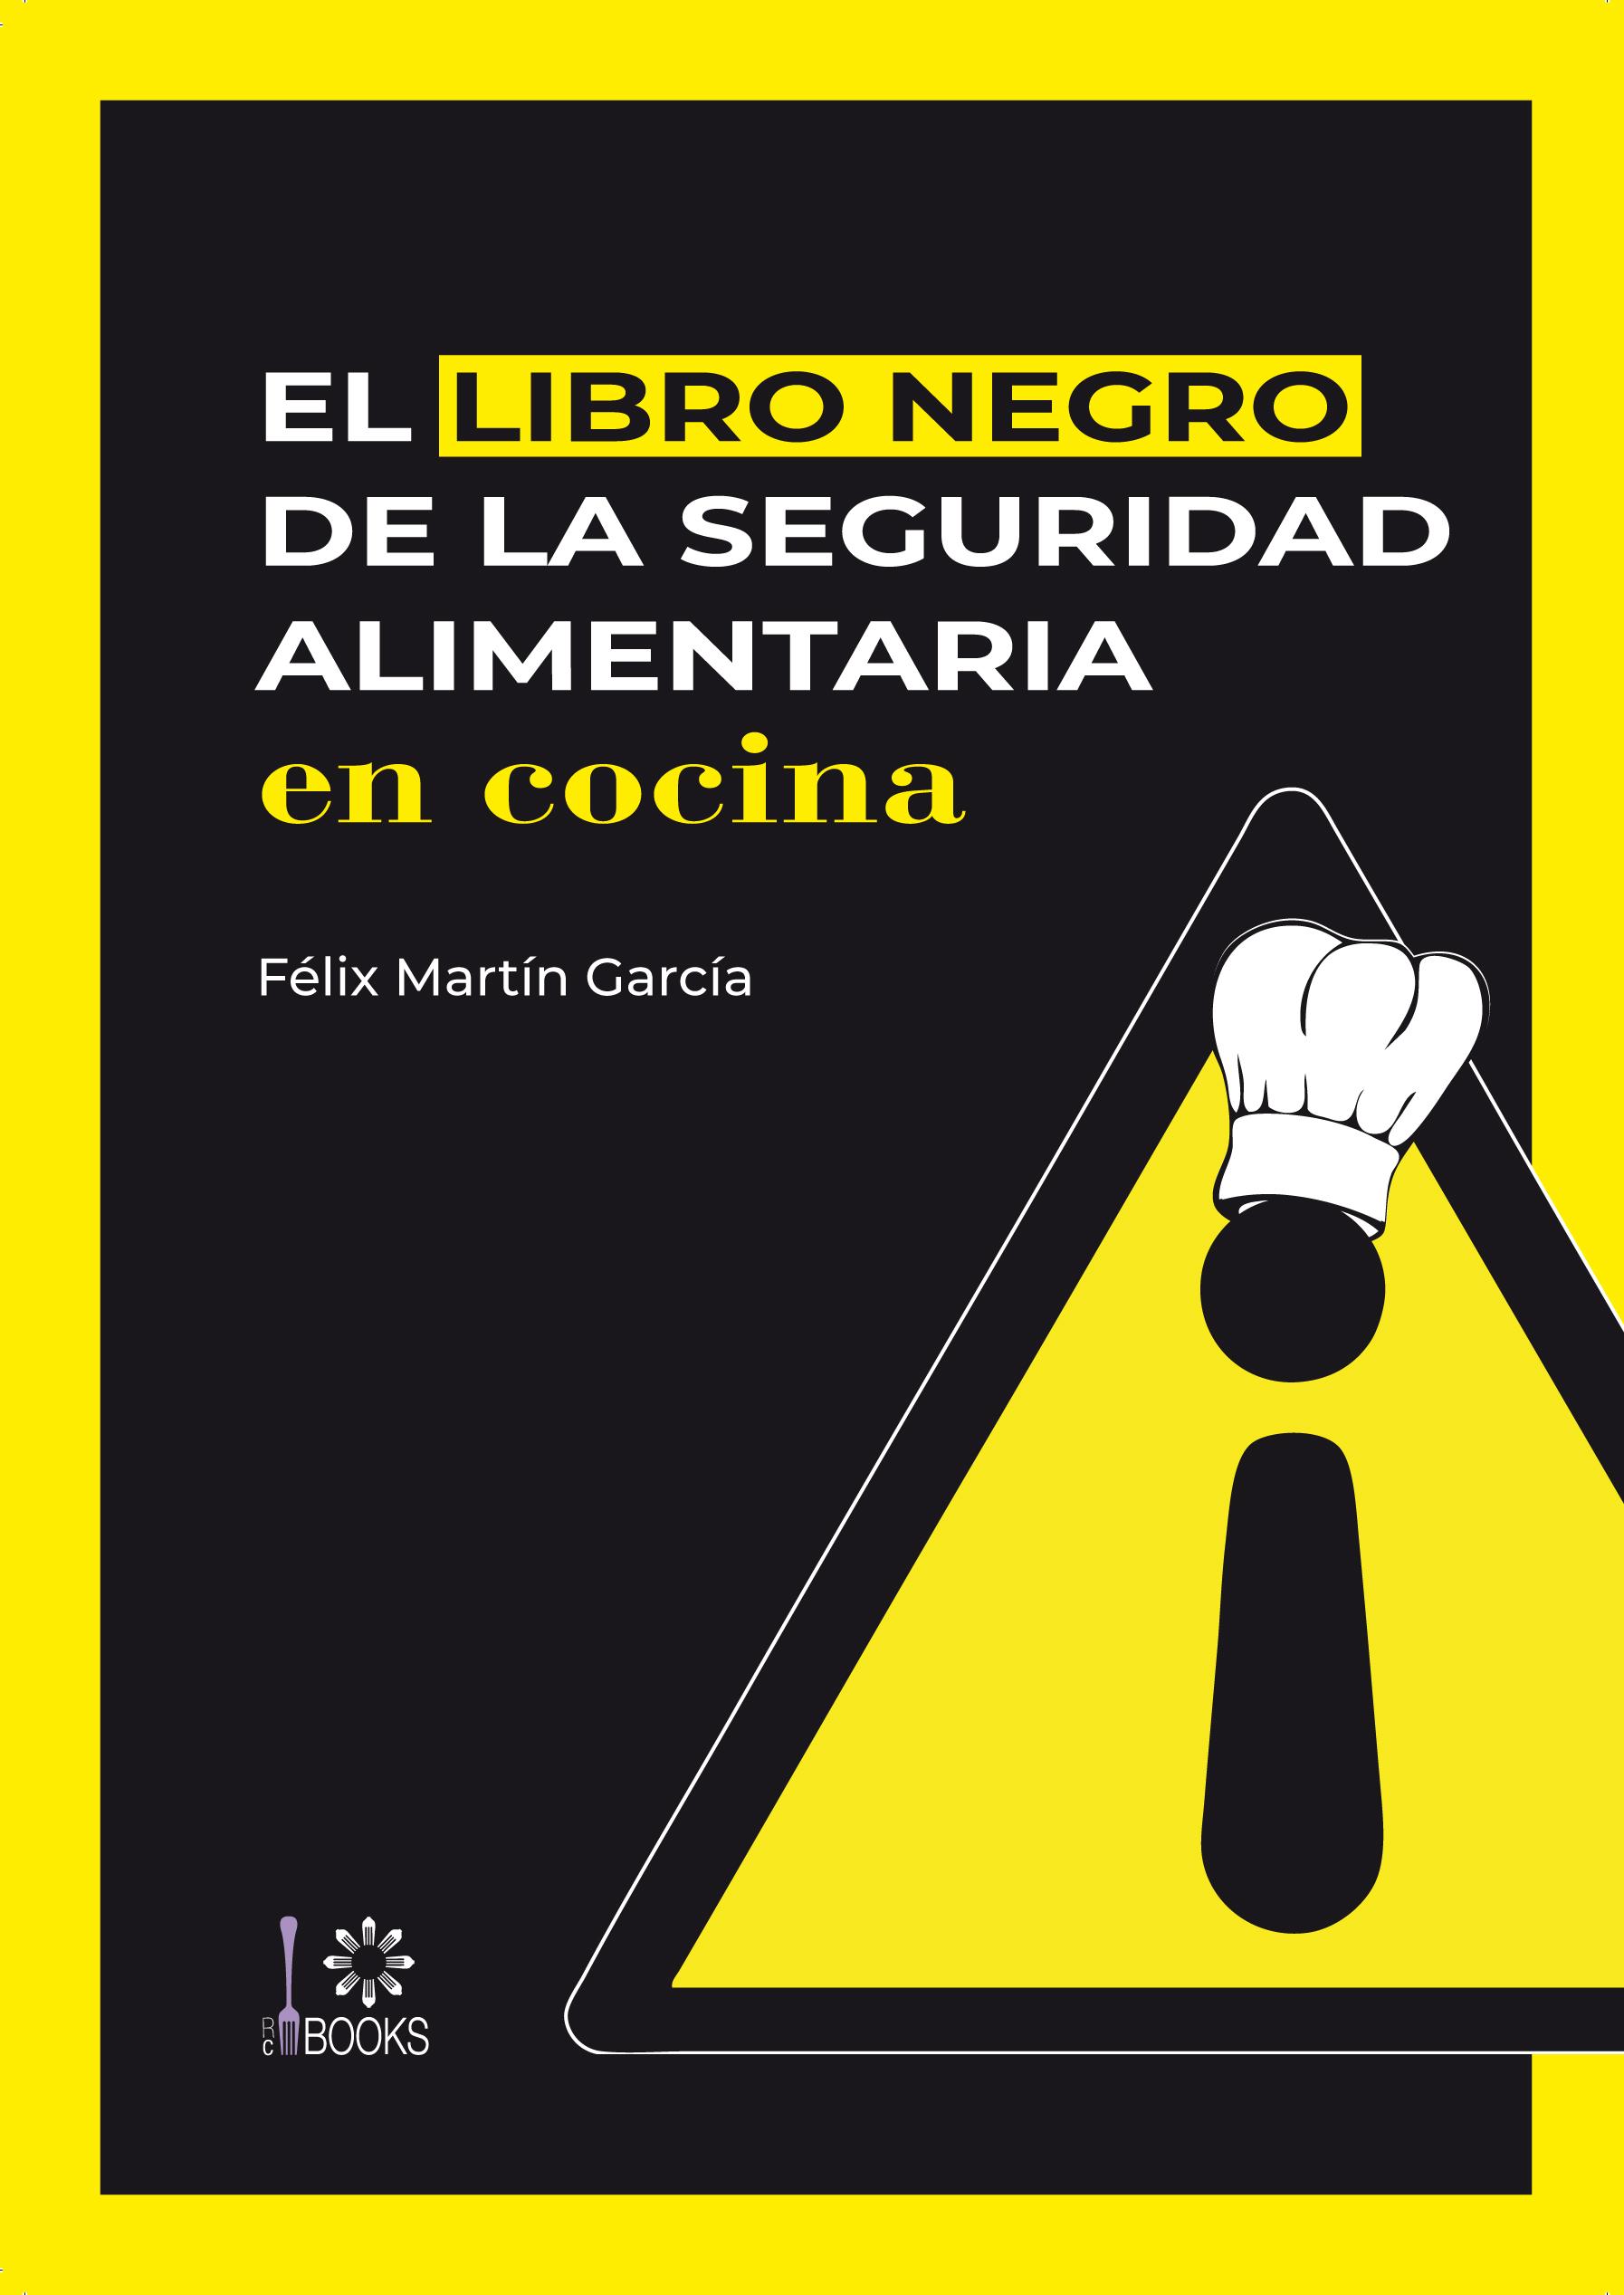 El libro negro de la seguridad alimentaria', un manual imprescindible en todas las cocinas profesionales